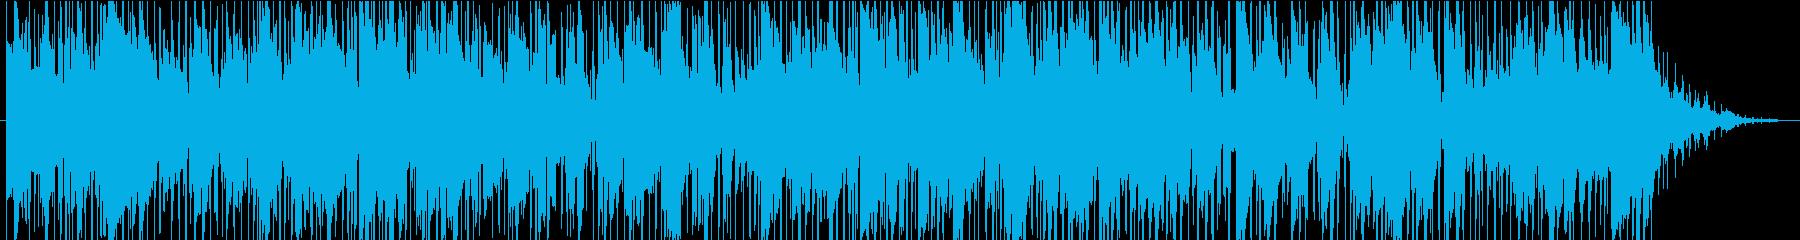 お洒落で夜のムードの大人なスムースジャズの再生済みの波形